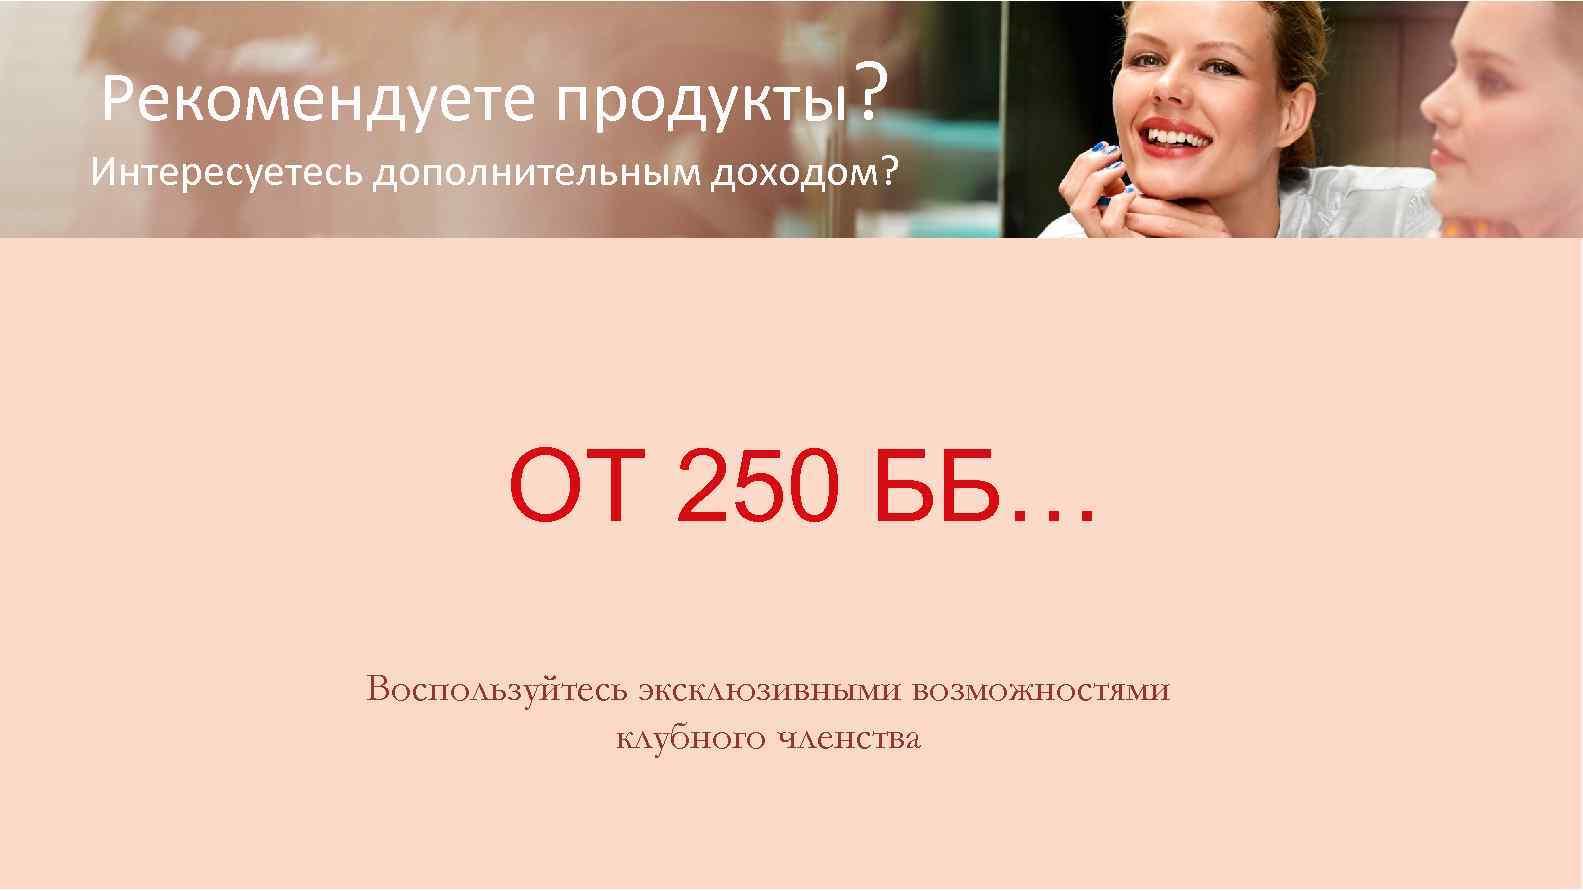 Рекомендуете продукты? Интересуетесь дополнительным доходом? ОТ 250 ББ… Воспользуйтесь эксклюзивными возможностями клубного членства